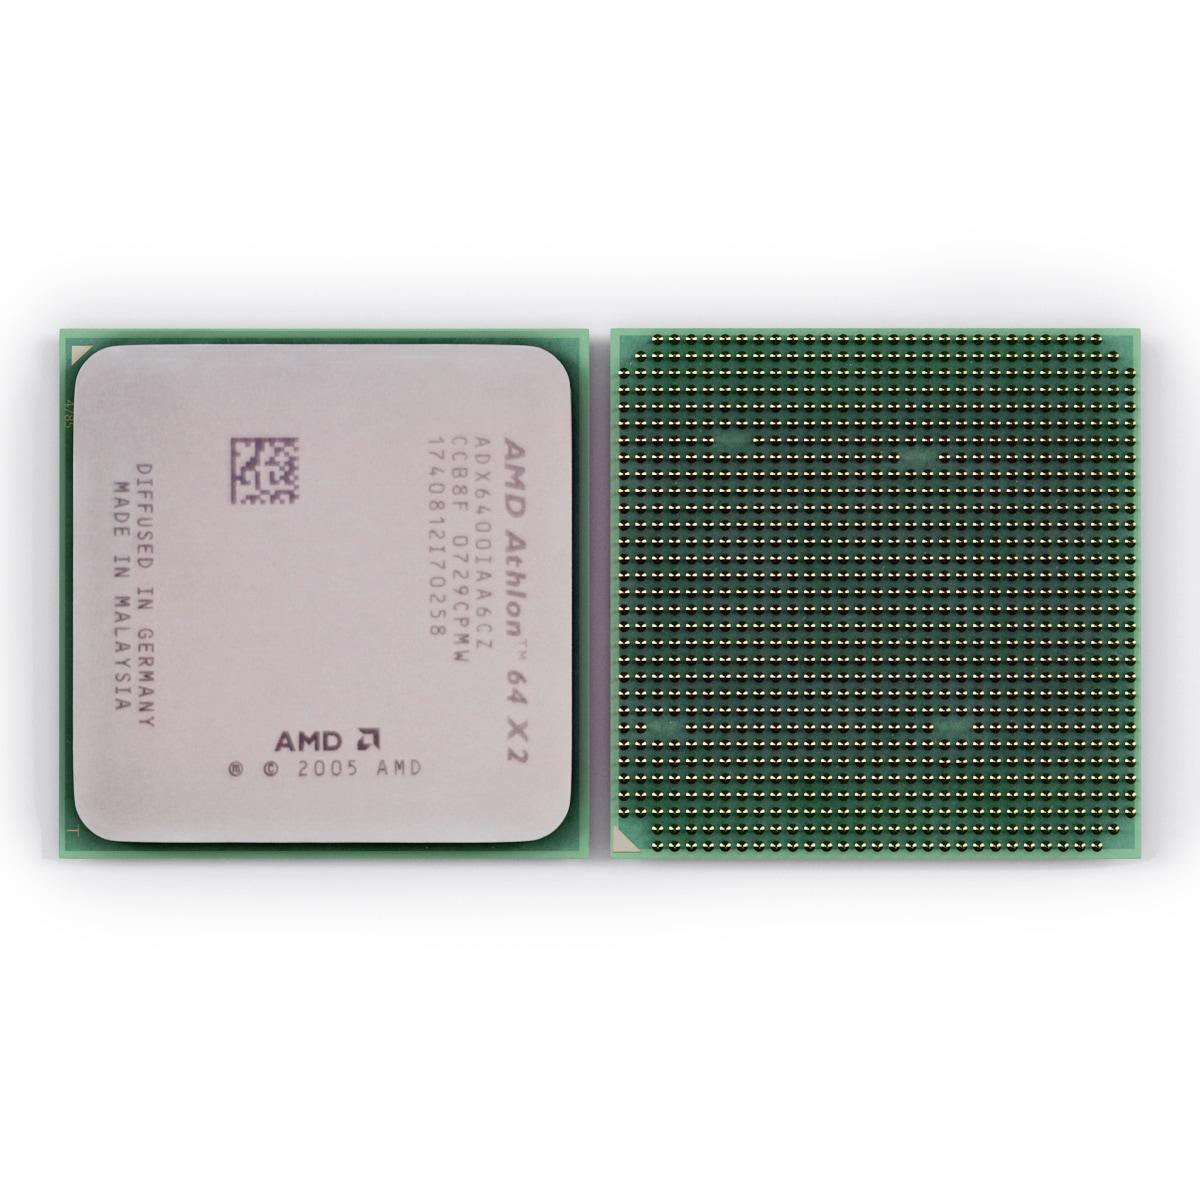 Athlon_64_X2_6400_00.jpg